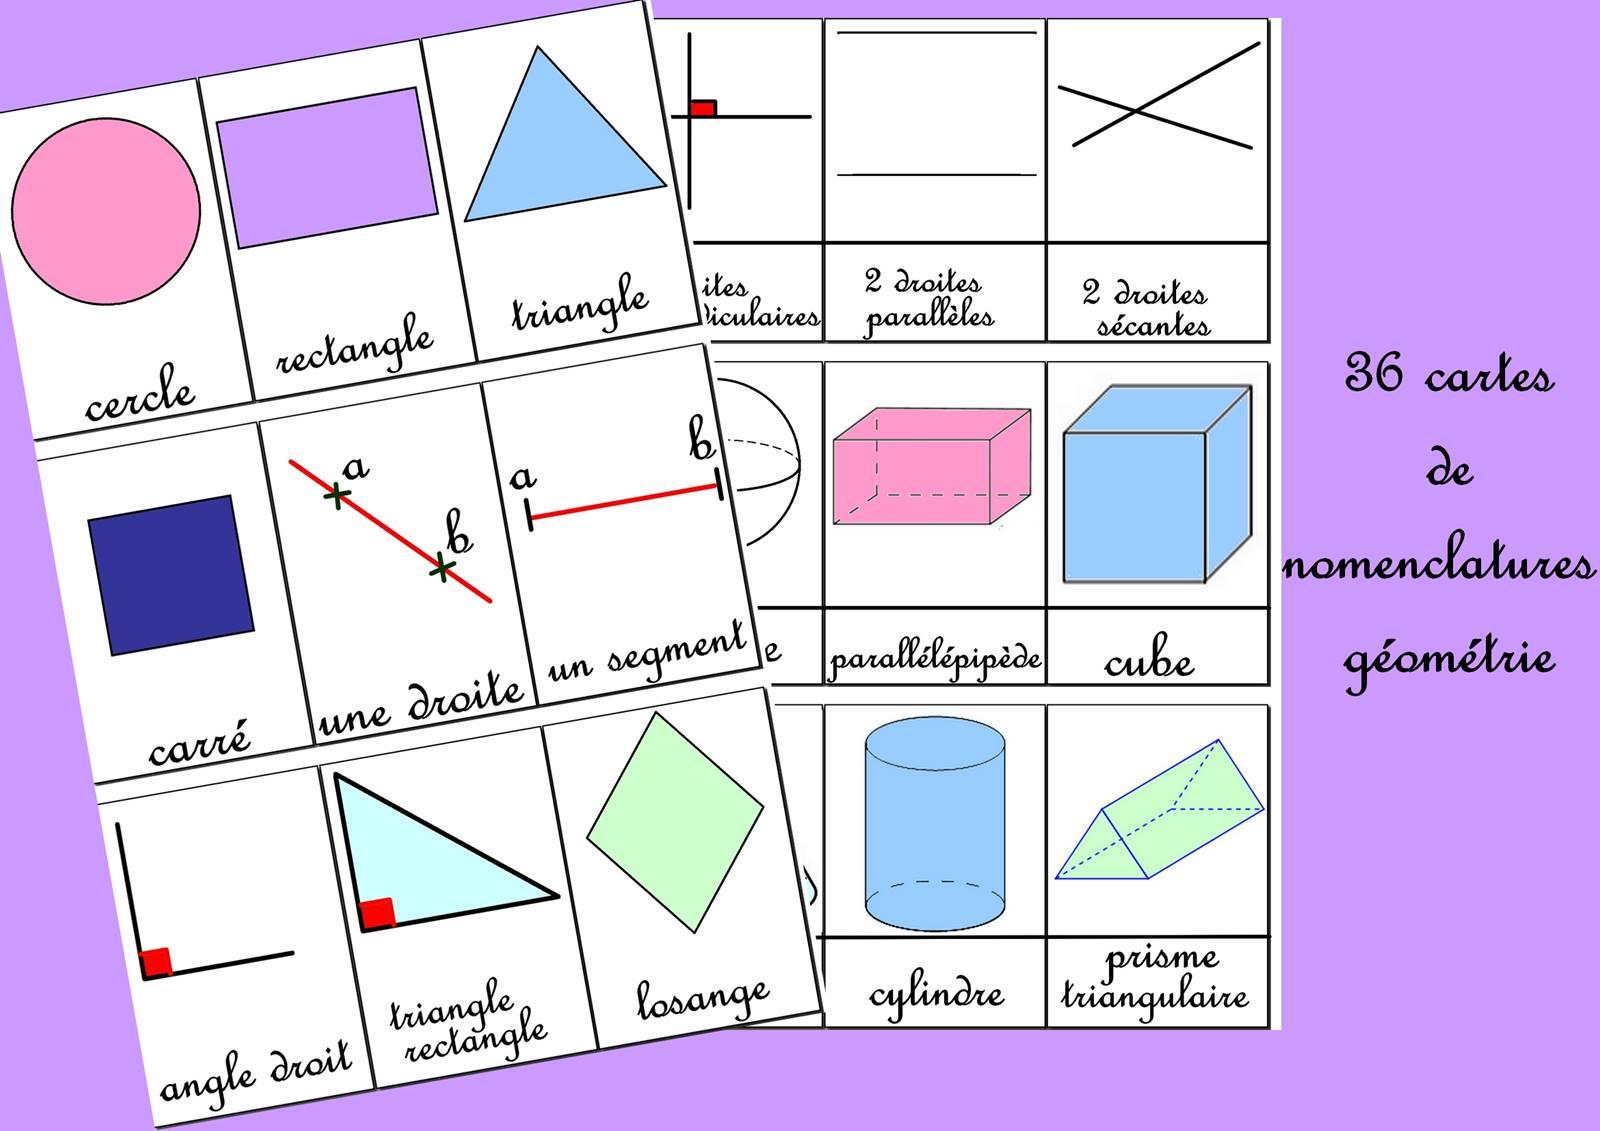 Blog 36 cartes de nomenclatures geometrie